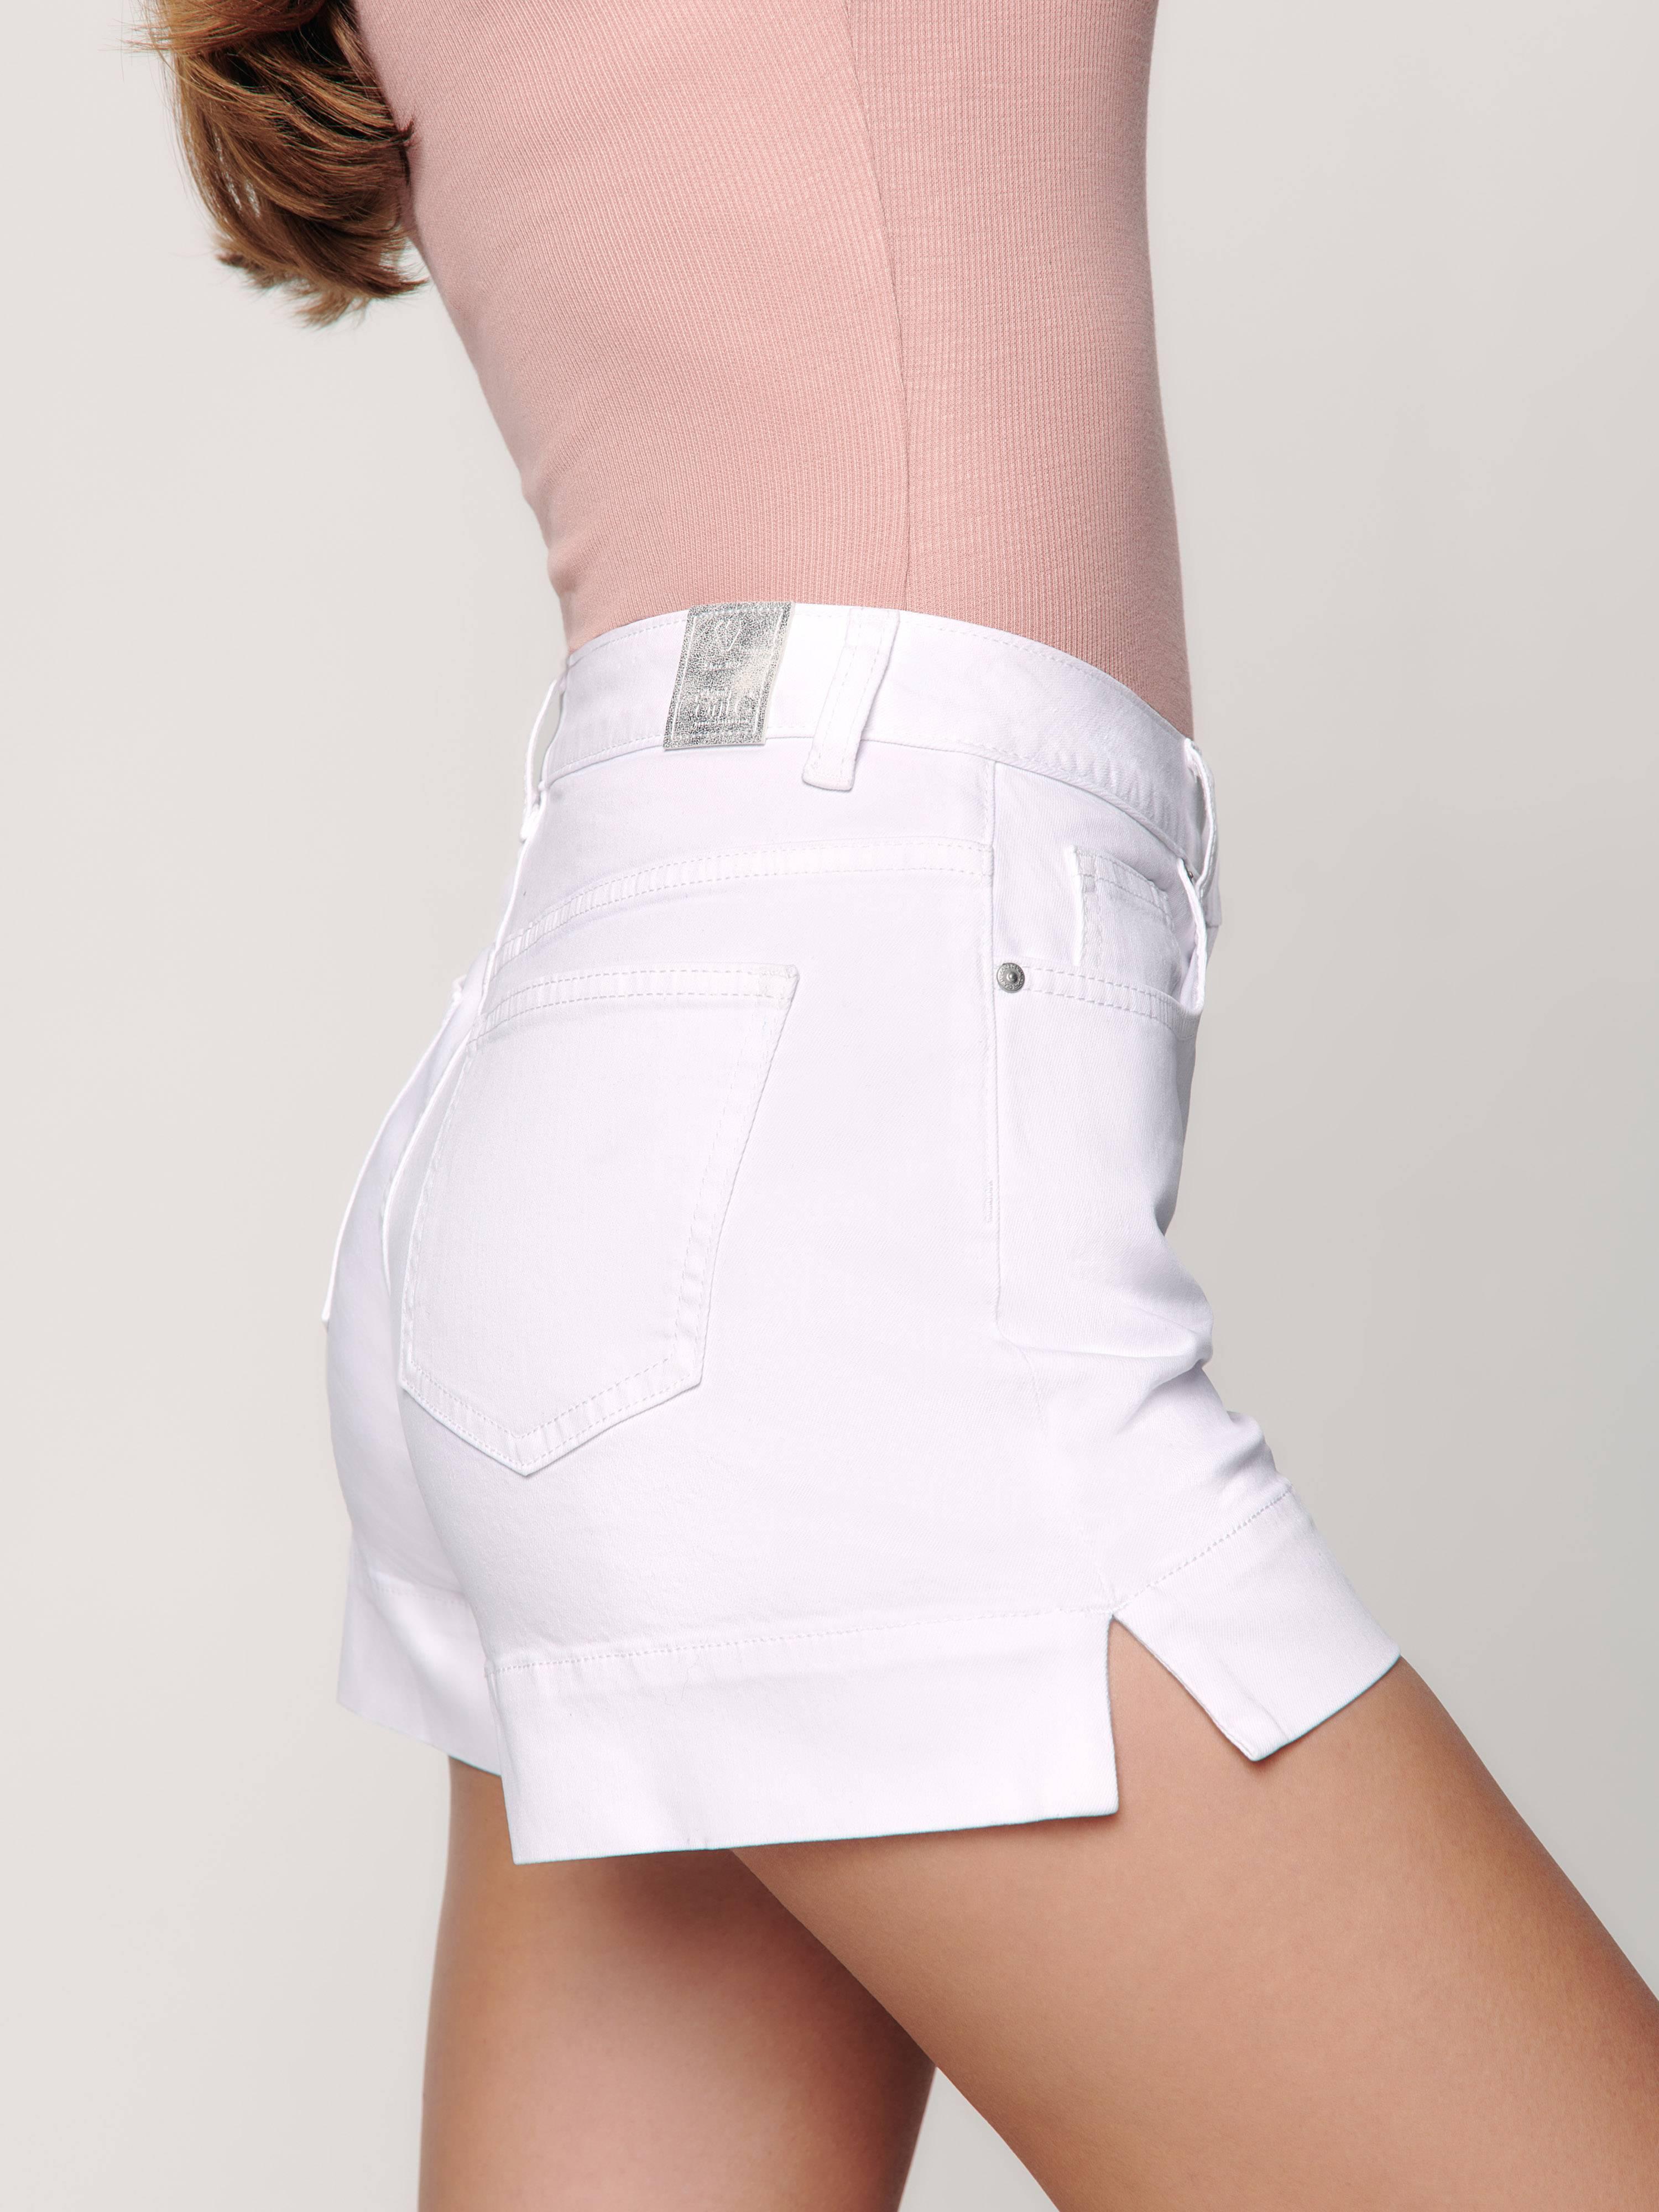 Шорты джинсовые женские Conte ⭐️